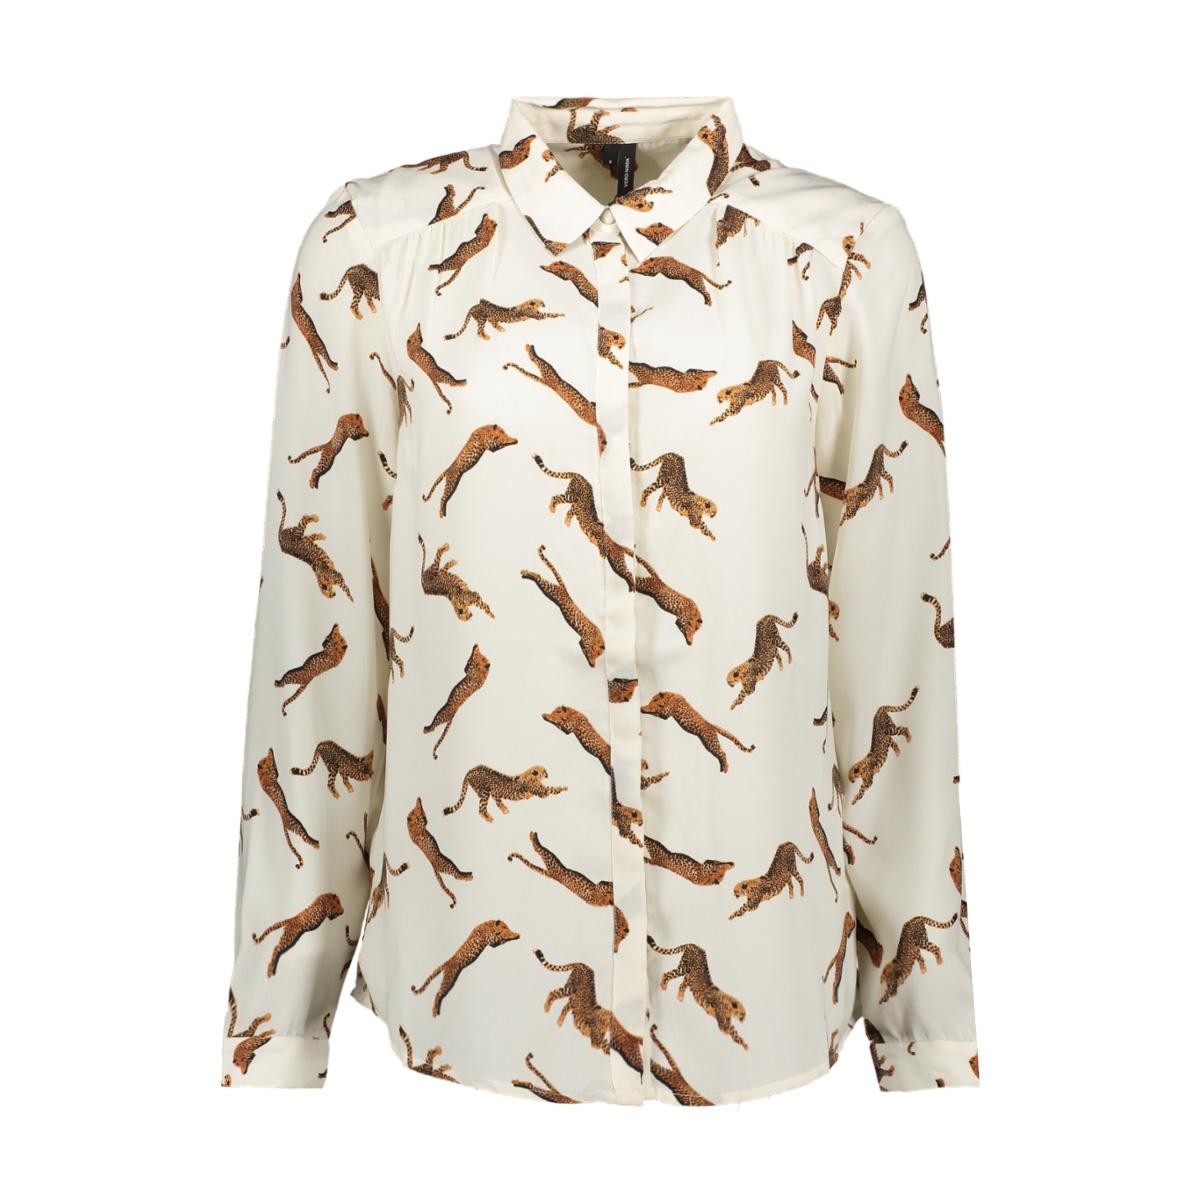 vmlizzy animal l/s shirt exp 10224642 vero moda blouse pristine/tiger